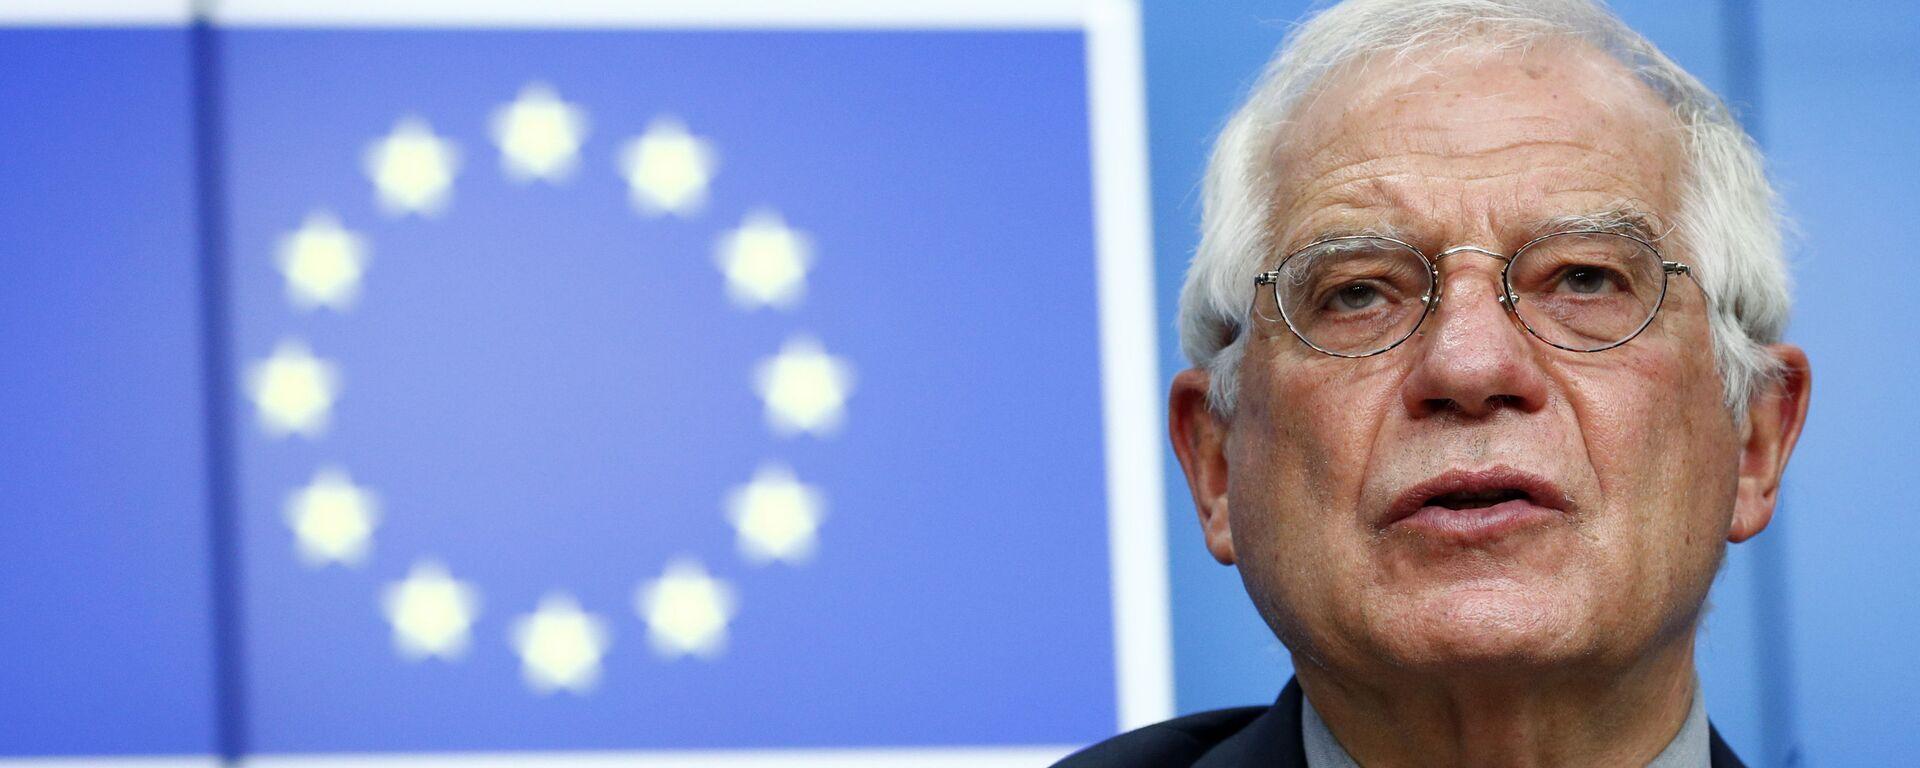 Vysoký představitel Unie pro zahraniční věci a bezpečnostní politiku Josep Borrell - Sputnik Česká republika, 1920, 10.05.2021